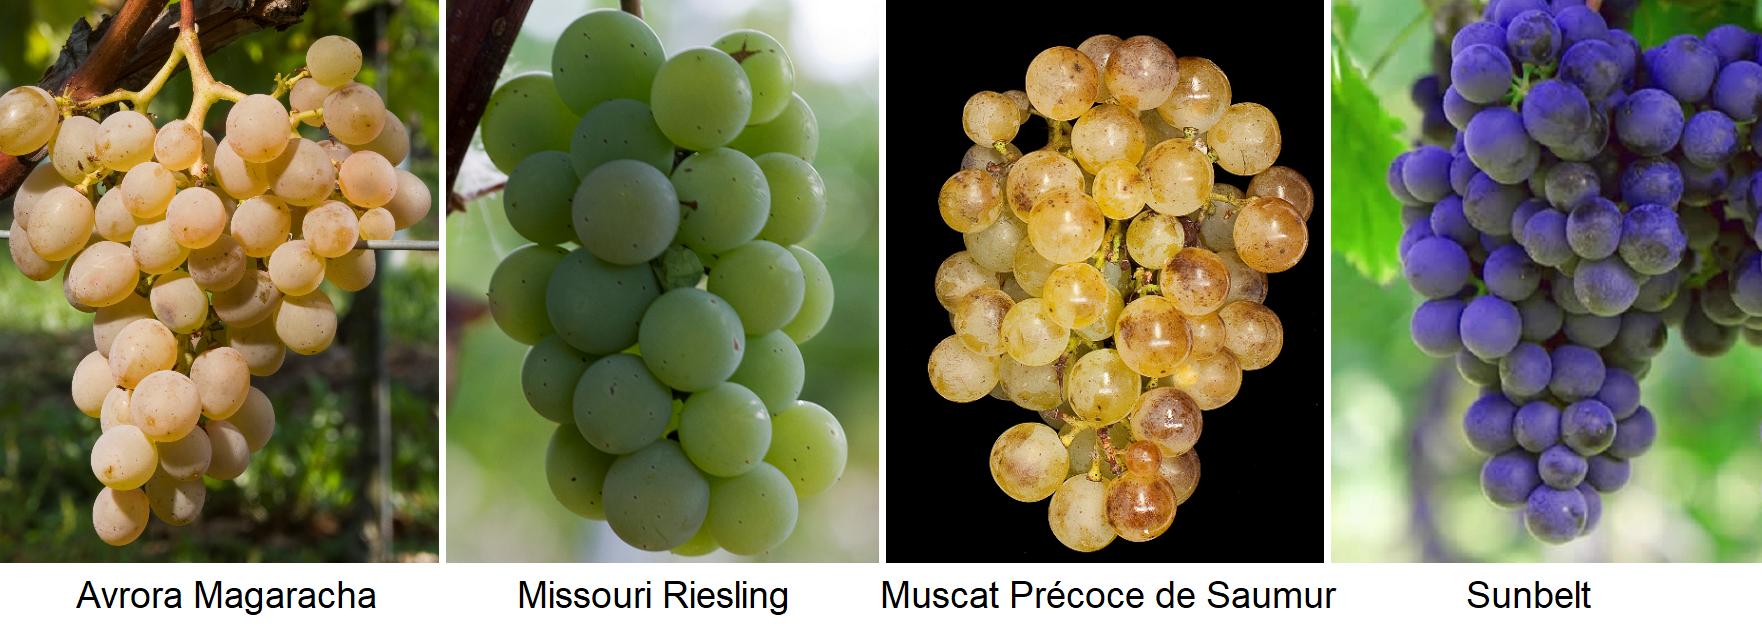 open grape varieties: Avrora Magaracha, Missouri Riesling, Muscat Précoce des Samur, Sunbelt